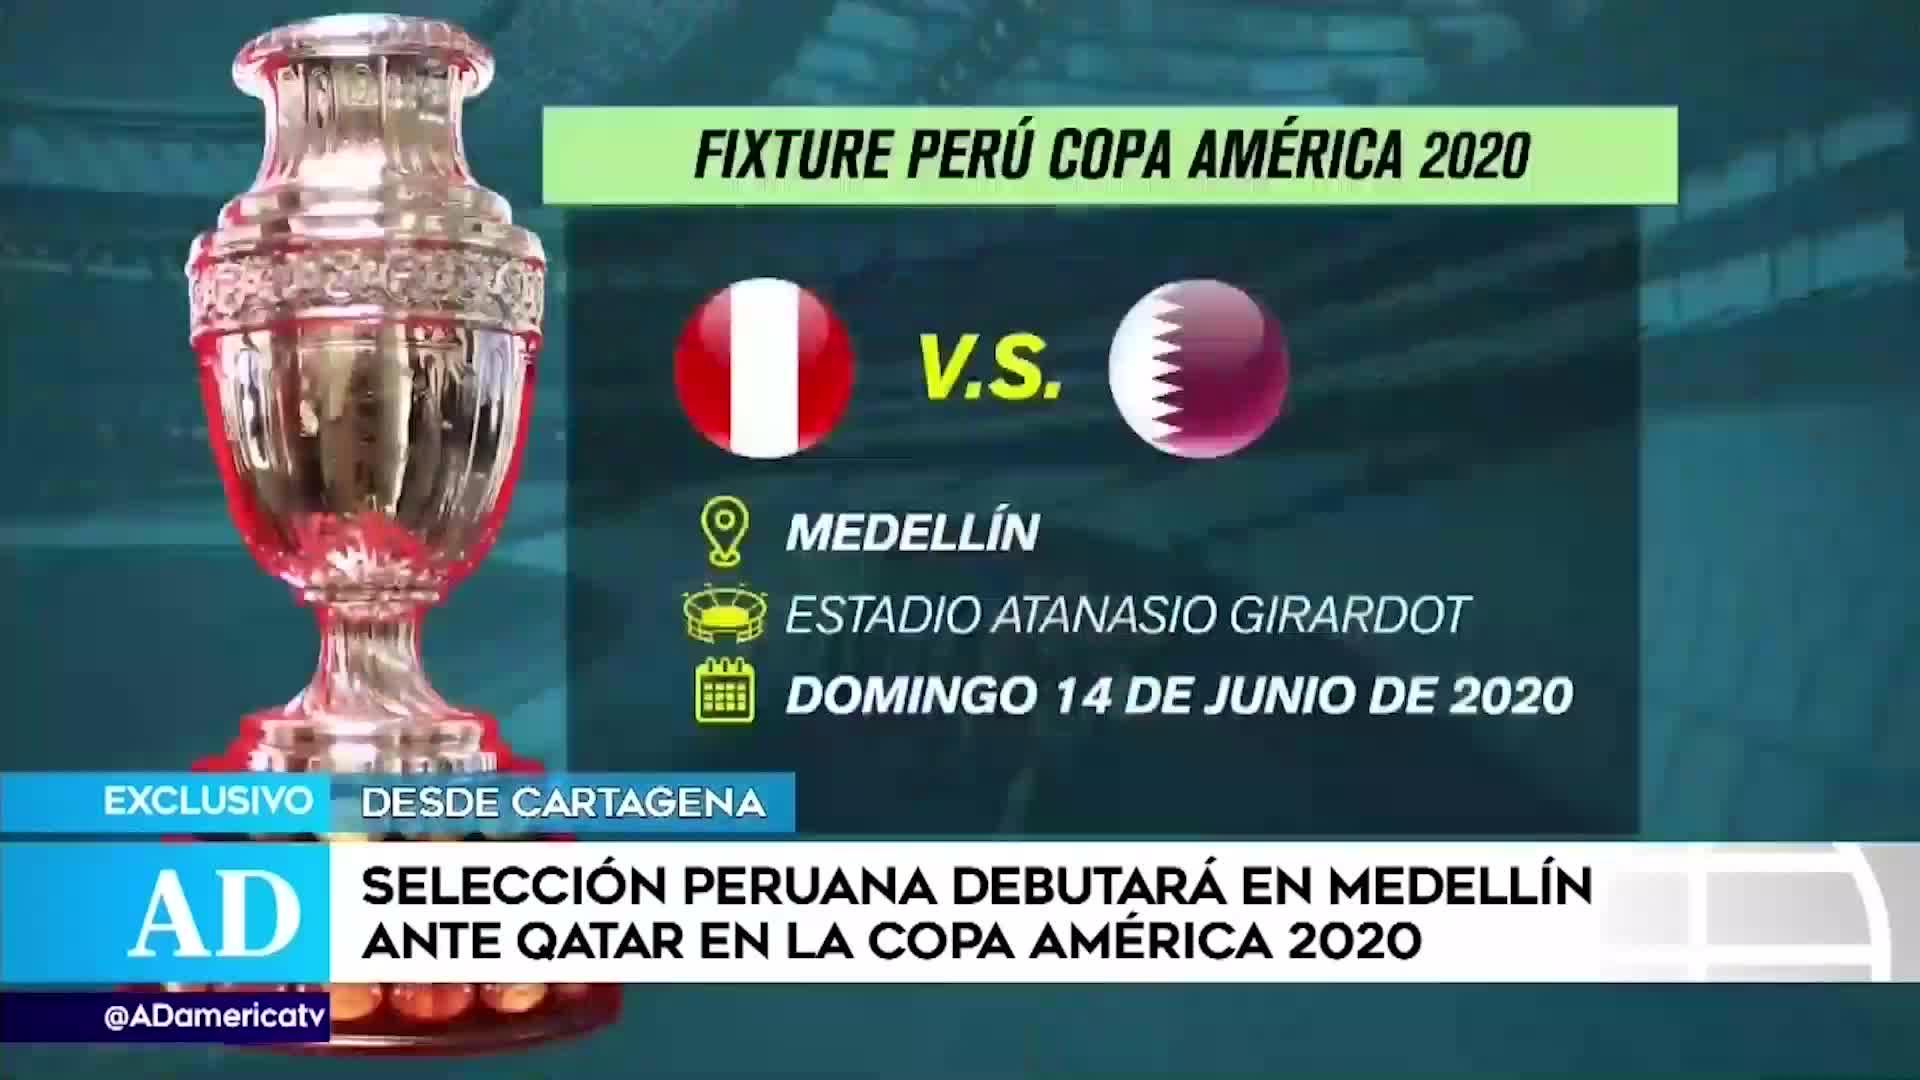 Selección peruana: La 'blanquirroja' debutará ante Qatar en la Copa América 2020